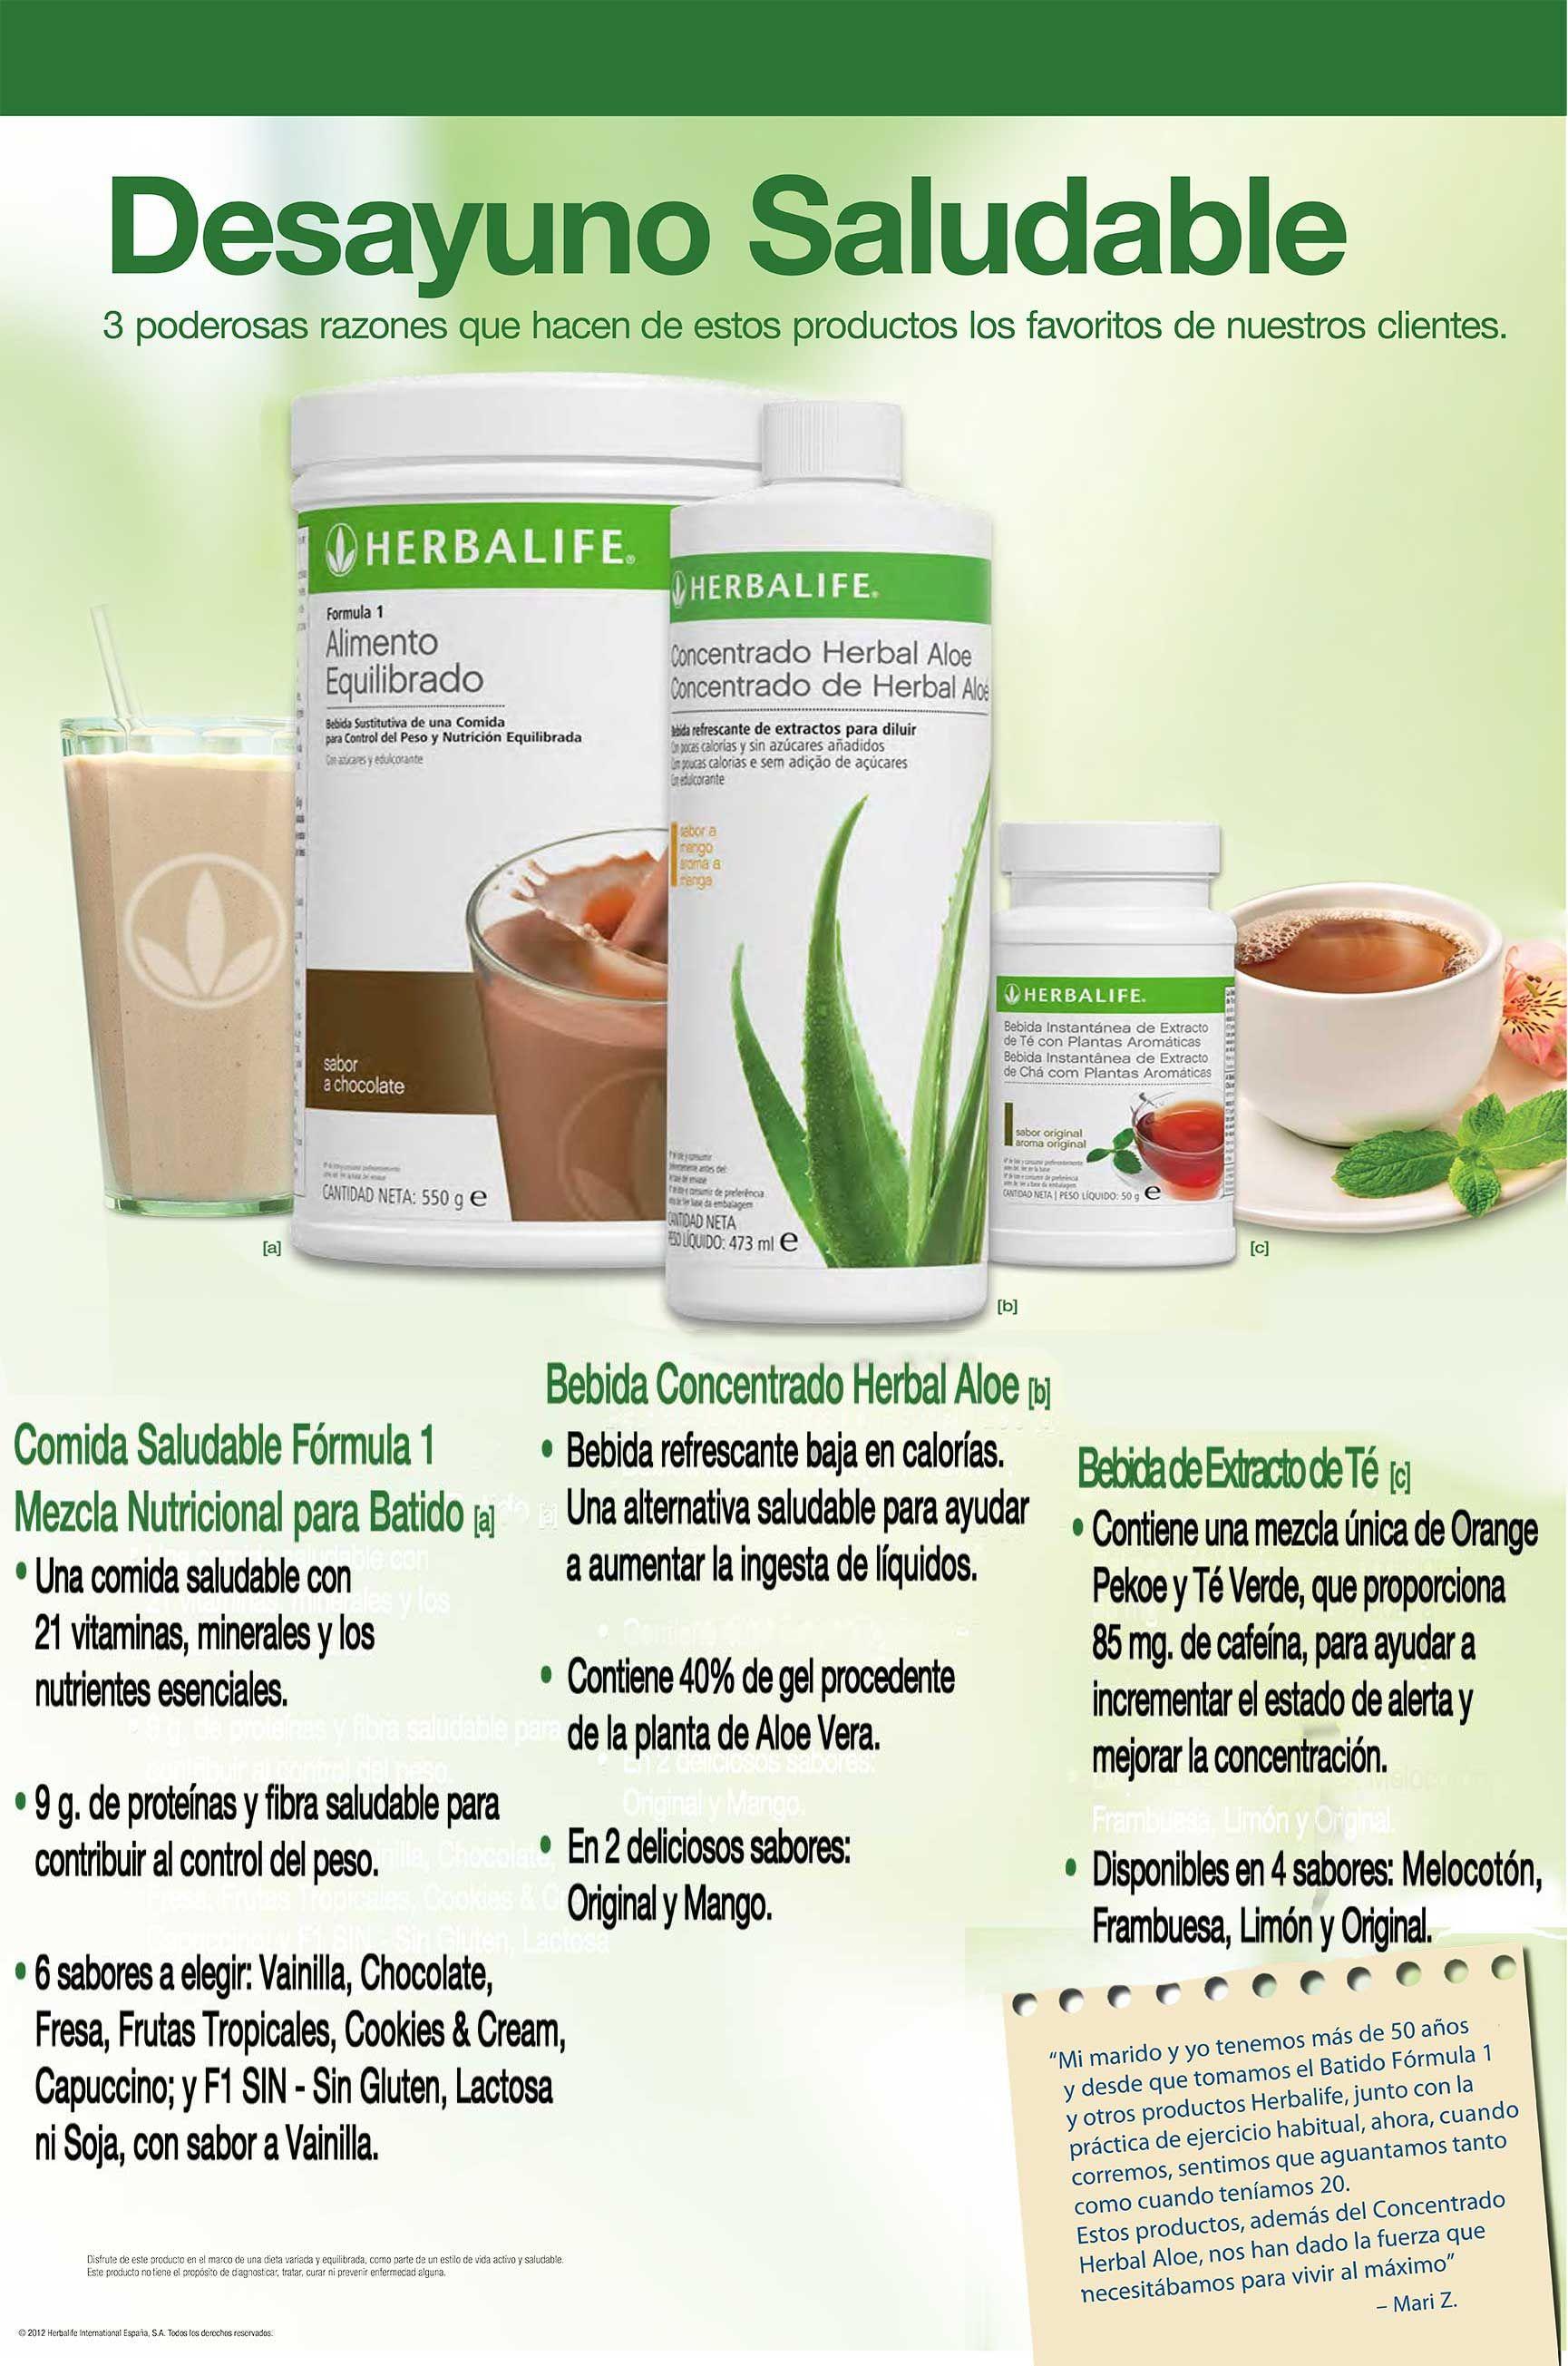 Desayuno Saludable Herbalife Herbalife Tips Herbalife Herbalife Protein